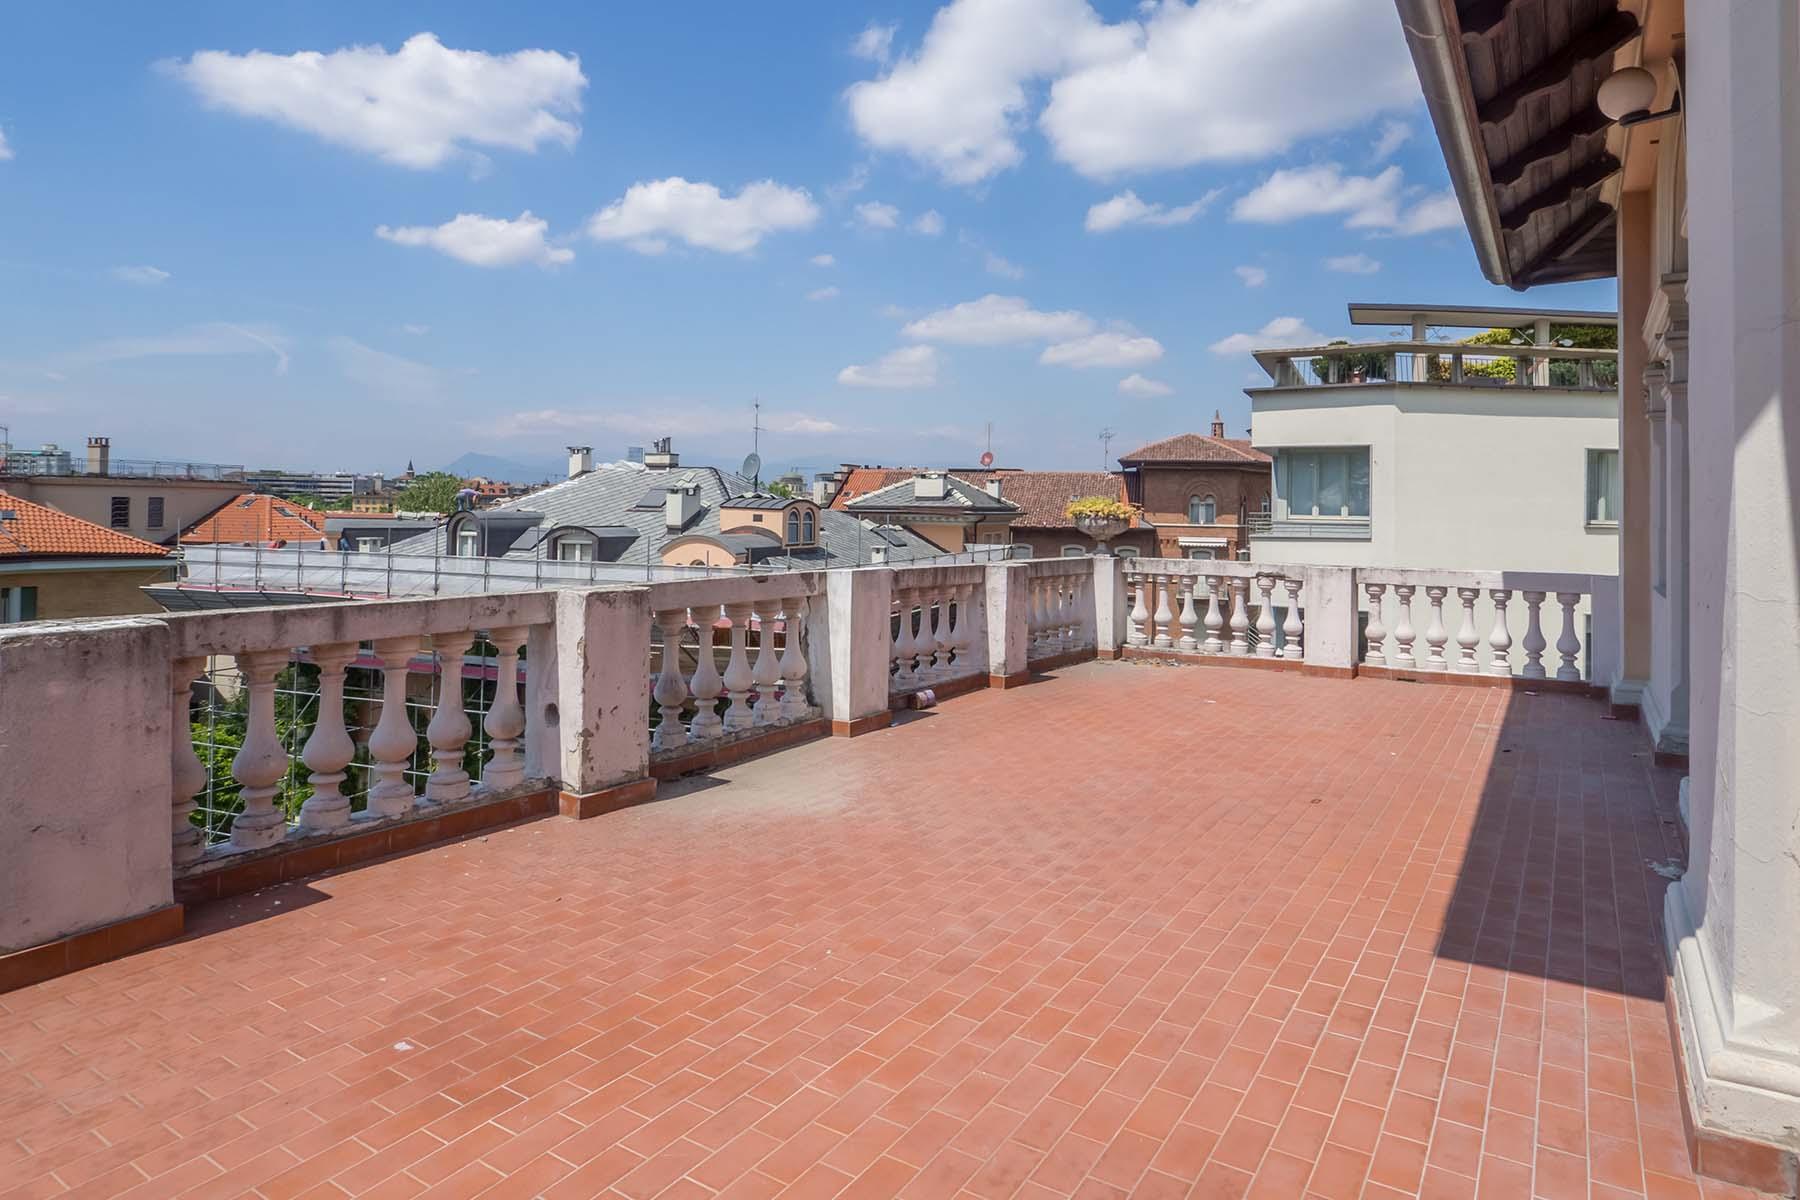 Attico in Vendita a Torino: 5 locali, 200 mq - Foto 12